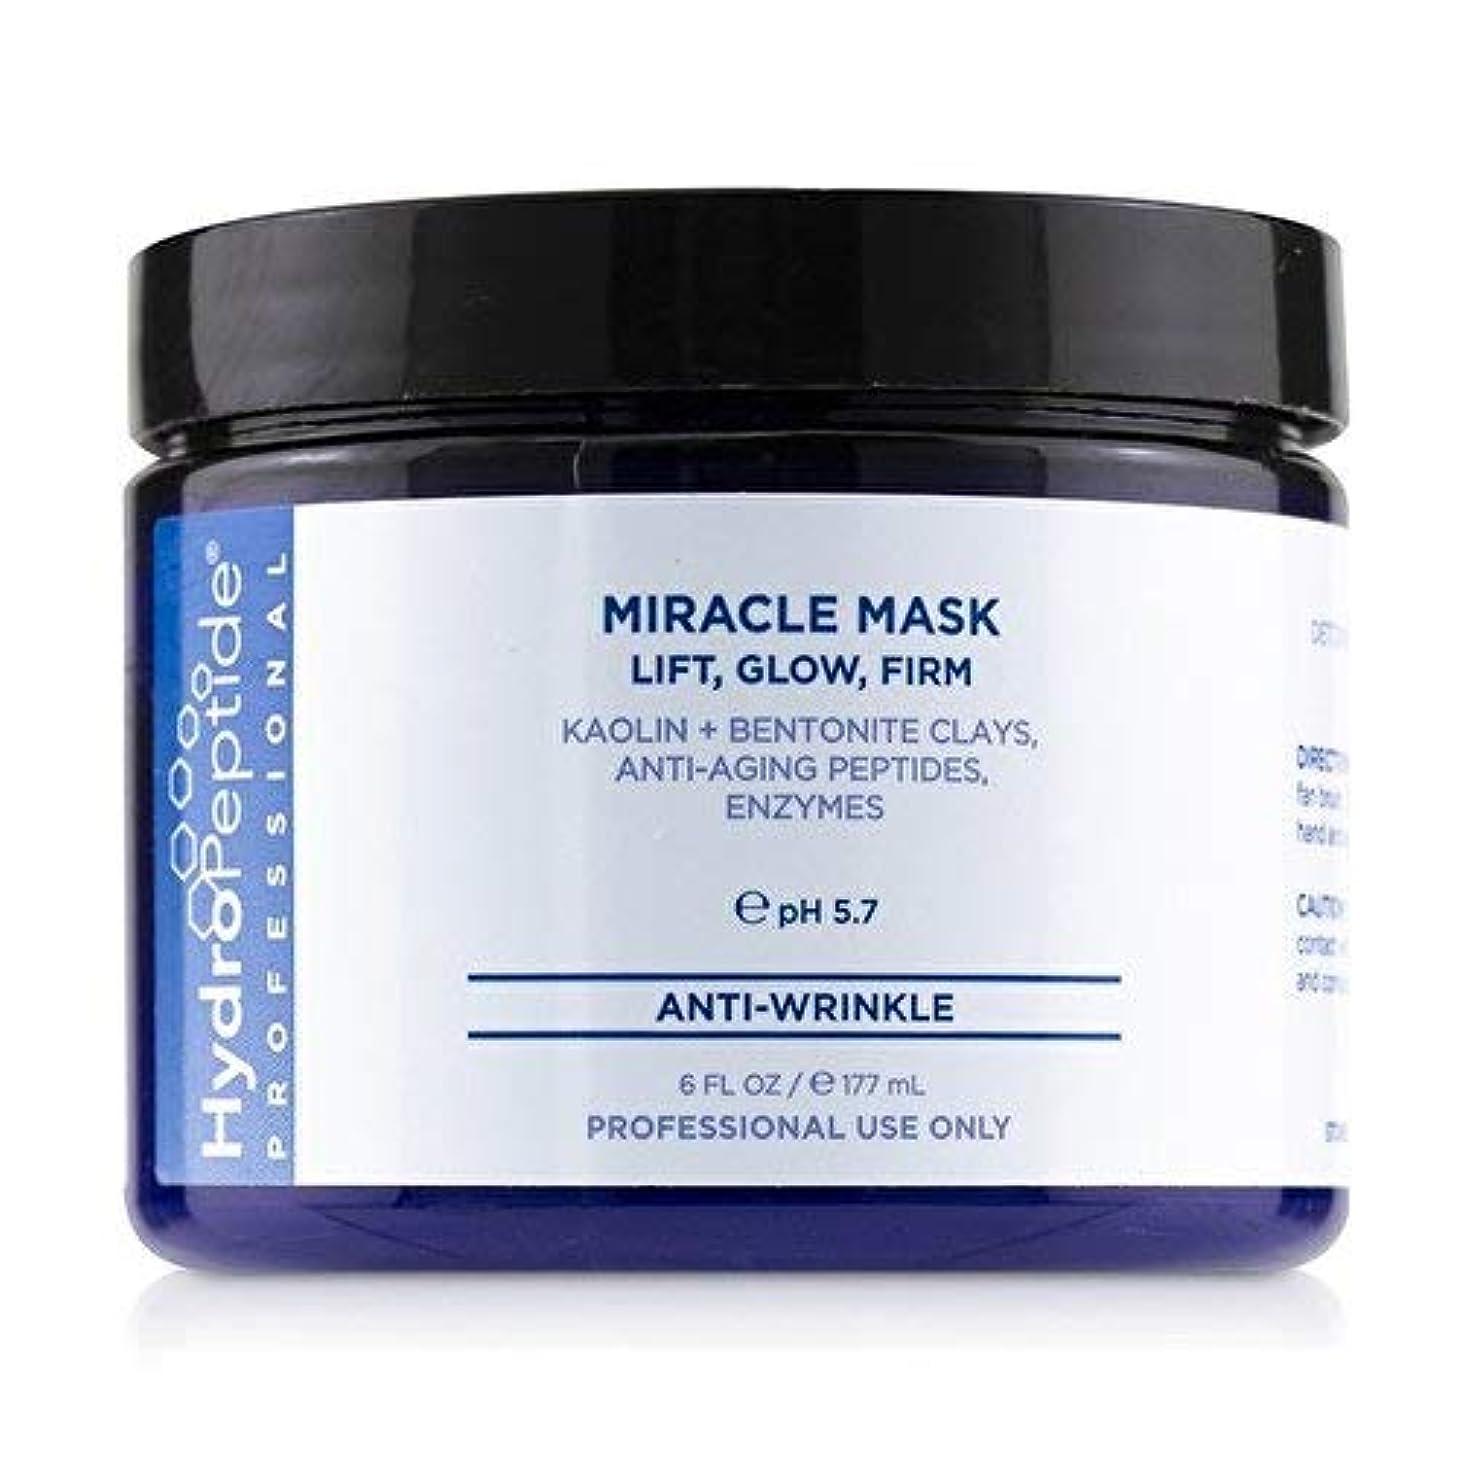 アルファベット順名詞コンデンサーハイドロペプチド Miracle Mask - Lift, Glow, Firm (pH 5.7) (Salon Size) 177ml/6oz並行輸入品